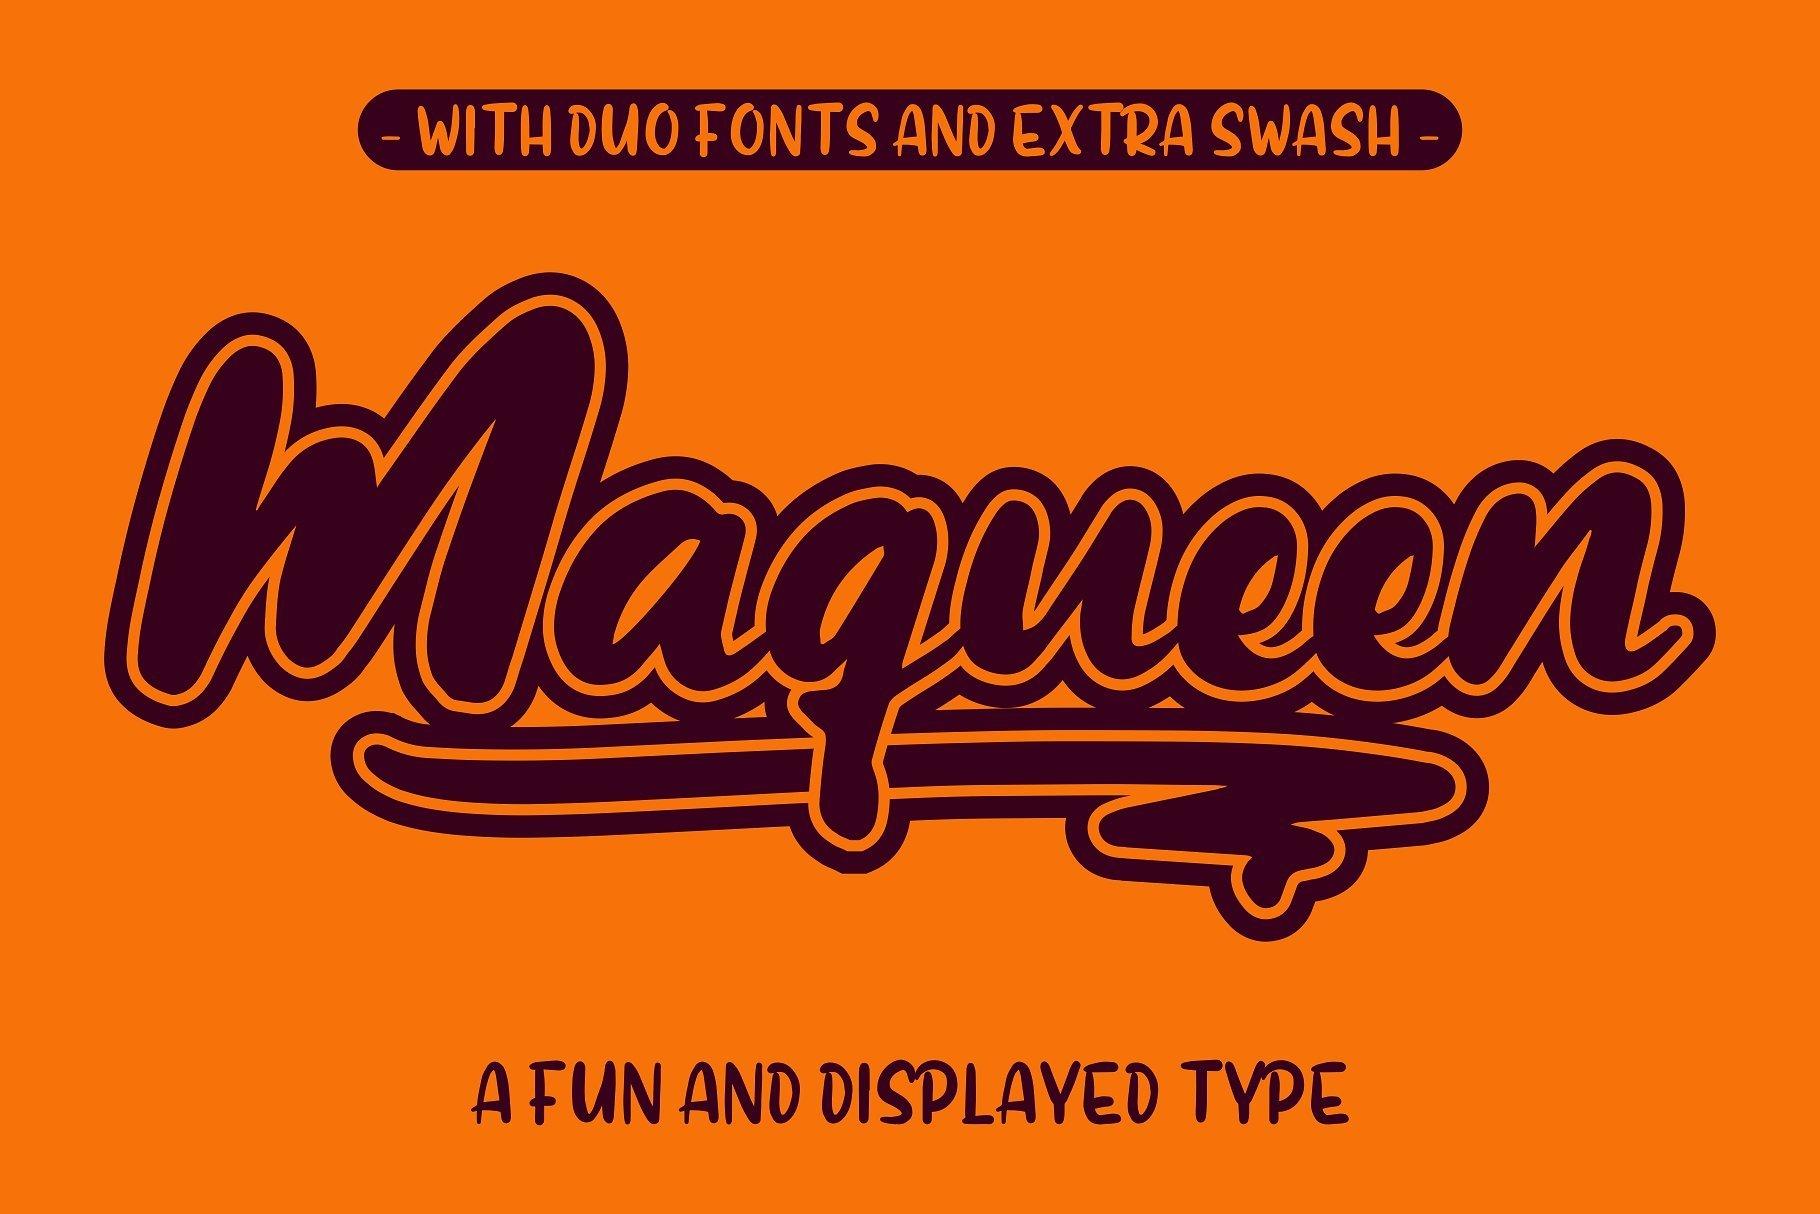 https://fontclarity.com/wp-content/uploads/2019/09/maqueen-display-font-download-0.jpg Free Download